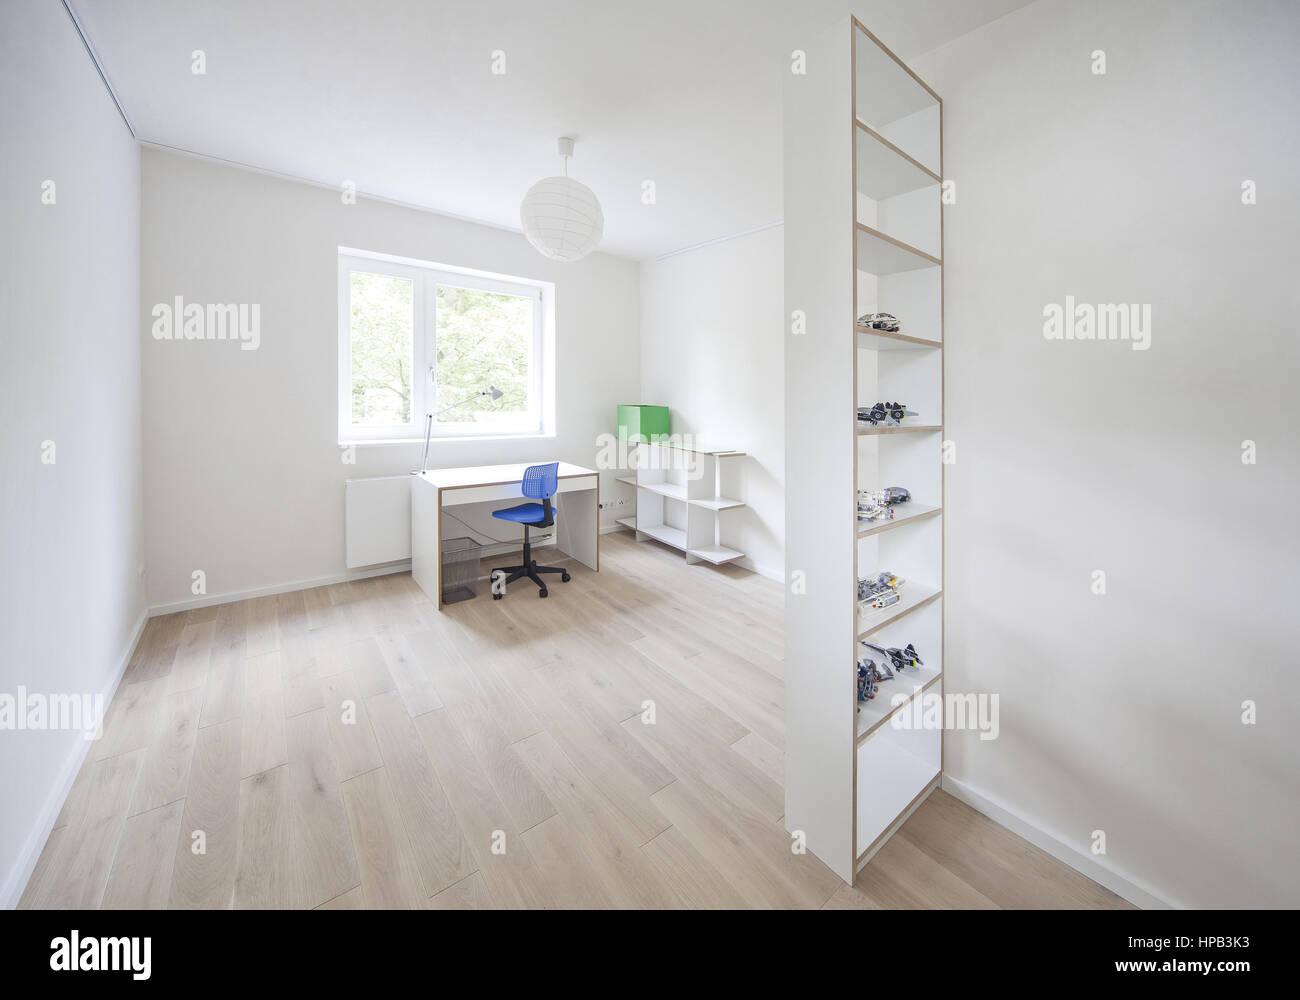 Gewaltig Regal Mit Schreibtisch Galerie Von Weisser Wohnraum Parkettboden, Und